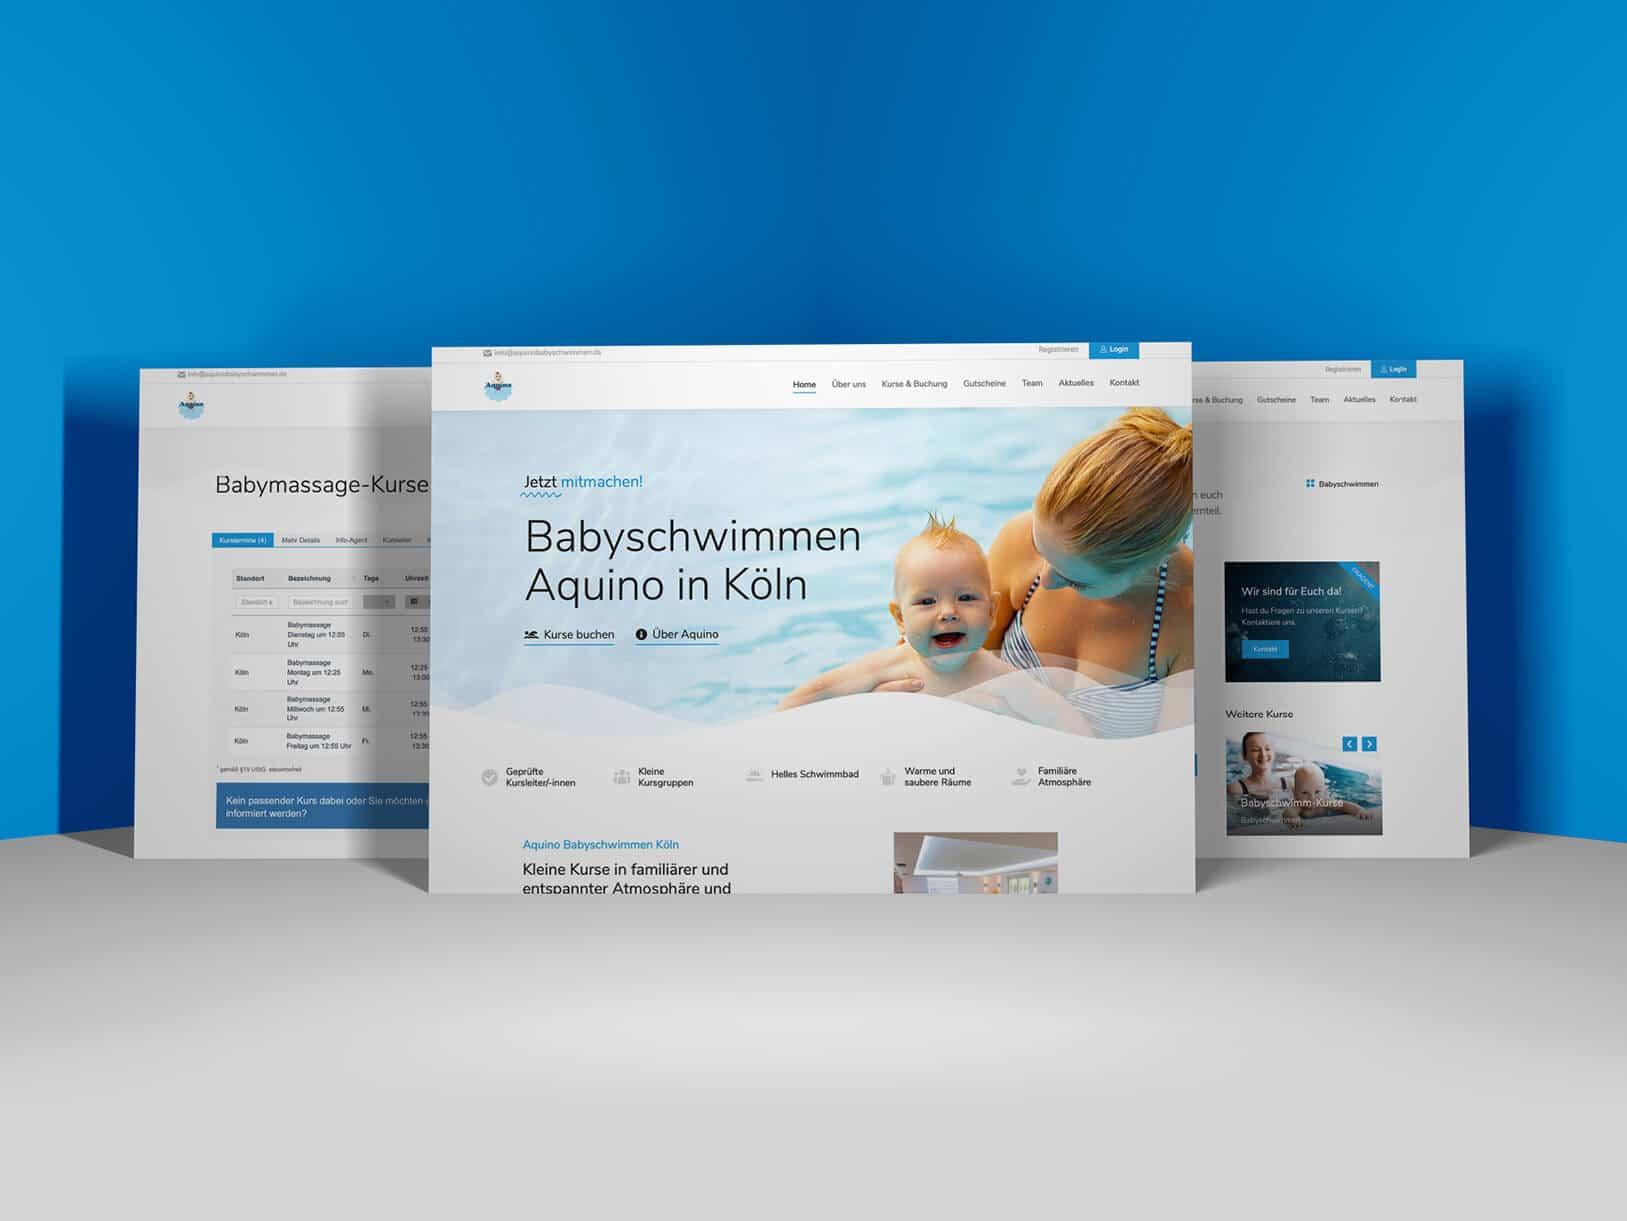 Auqino Projekt Bild von der Website